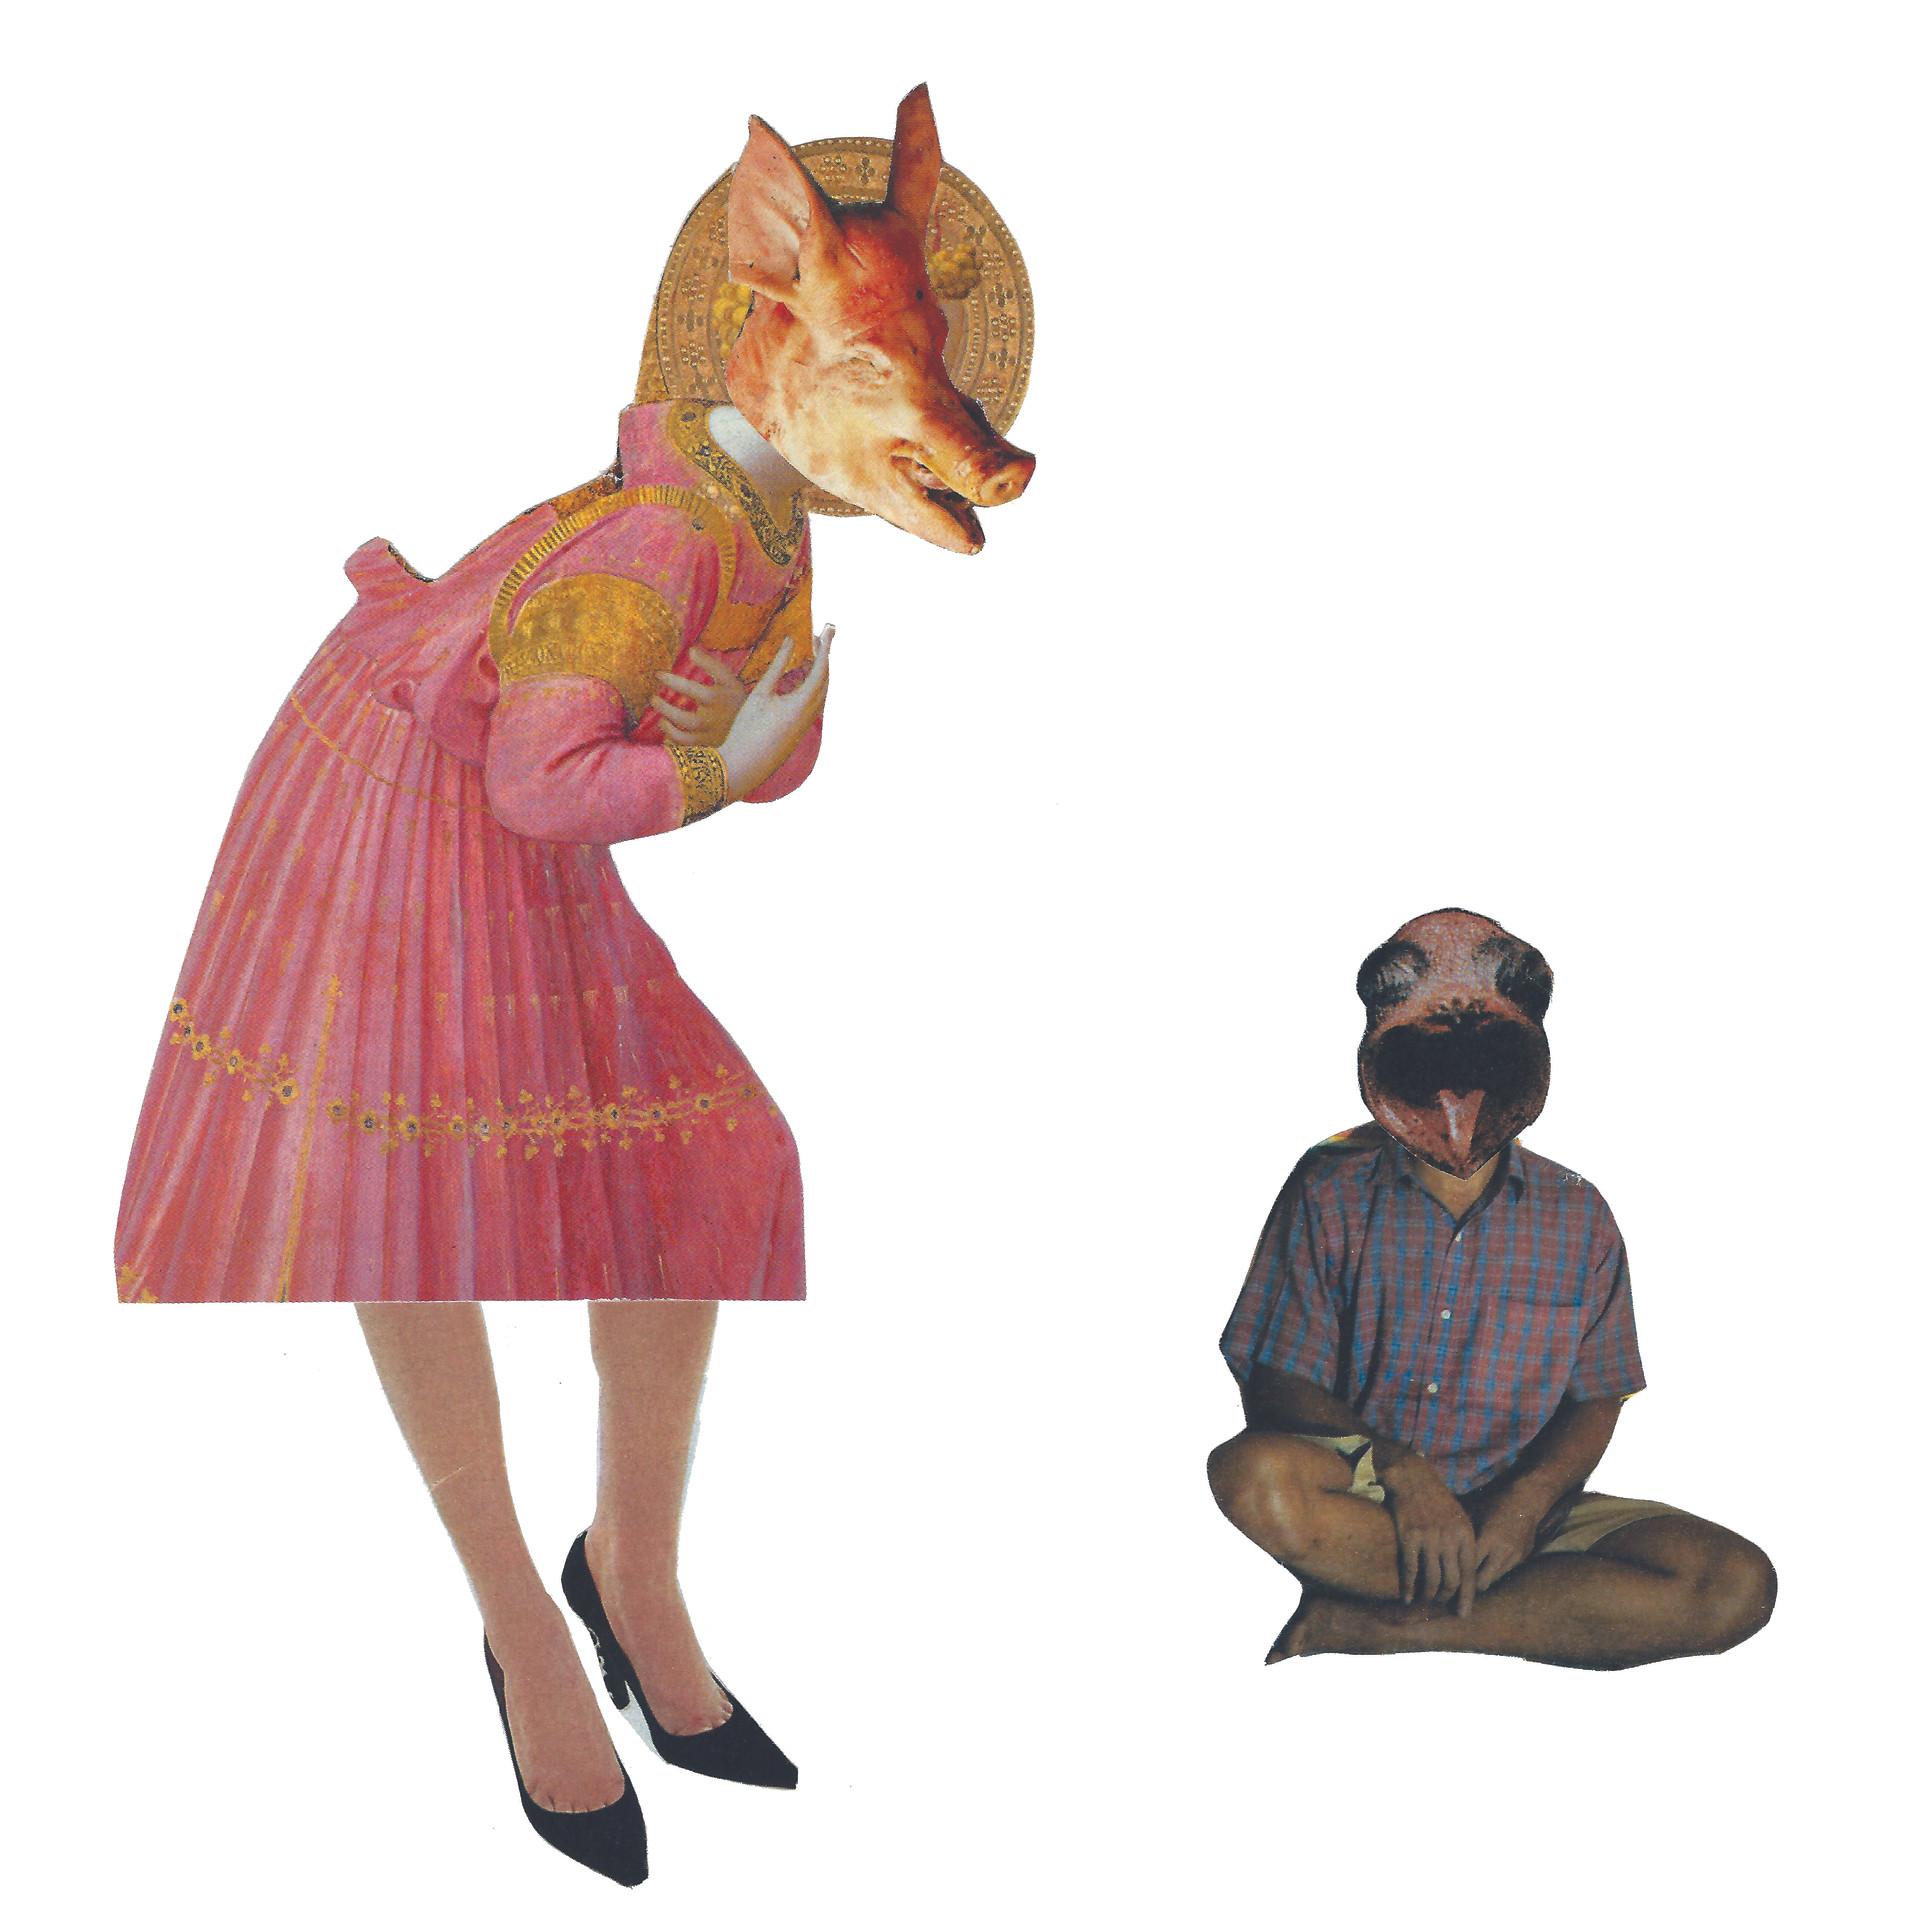 Sonia Sanmartín Ilustración Editorial Collage Animales personas